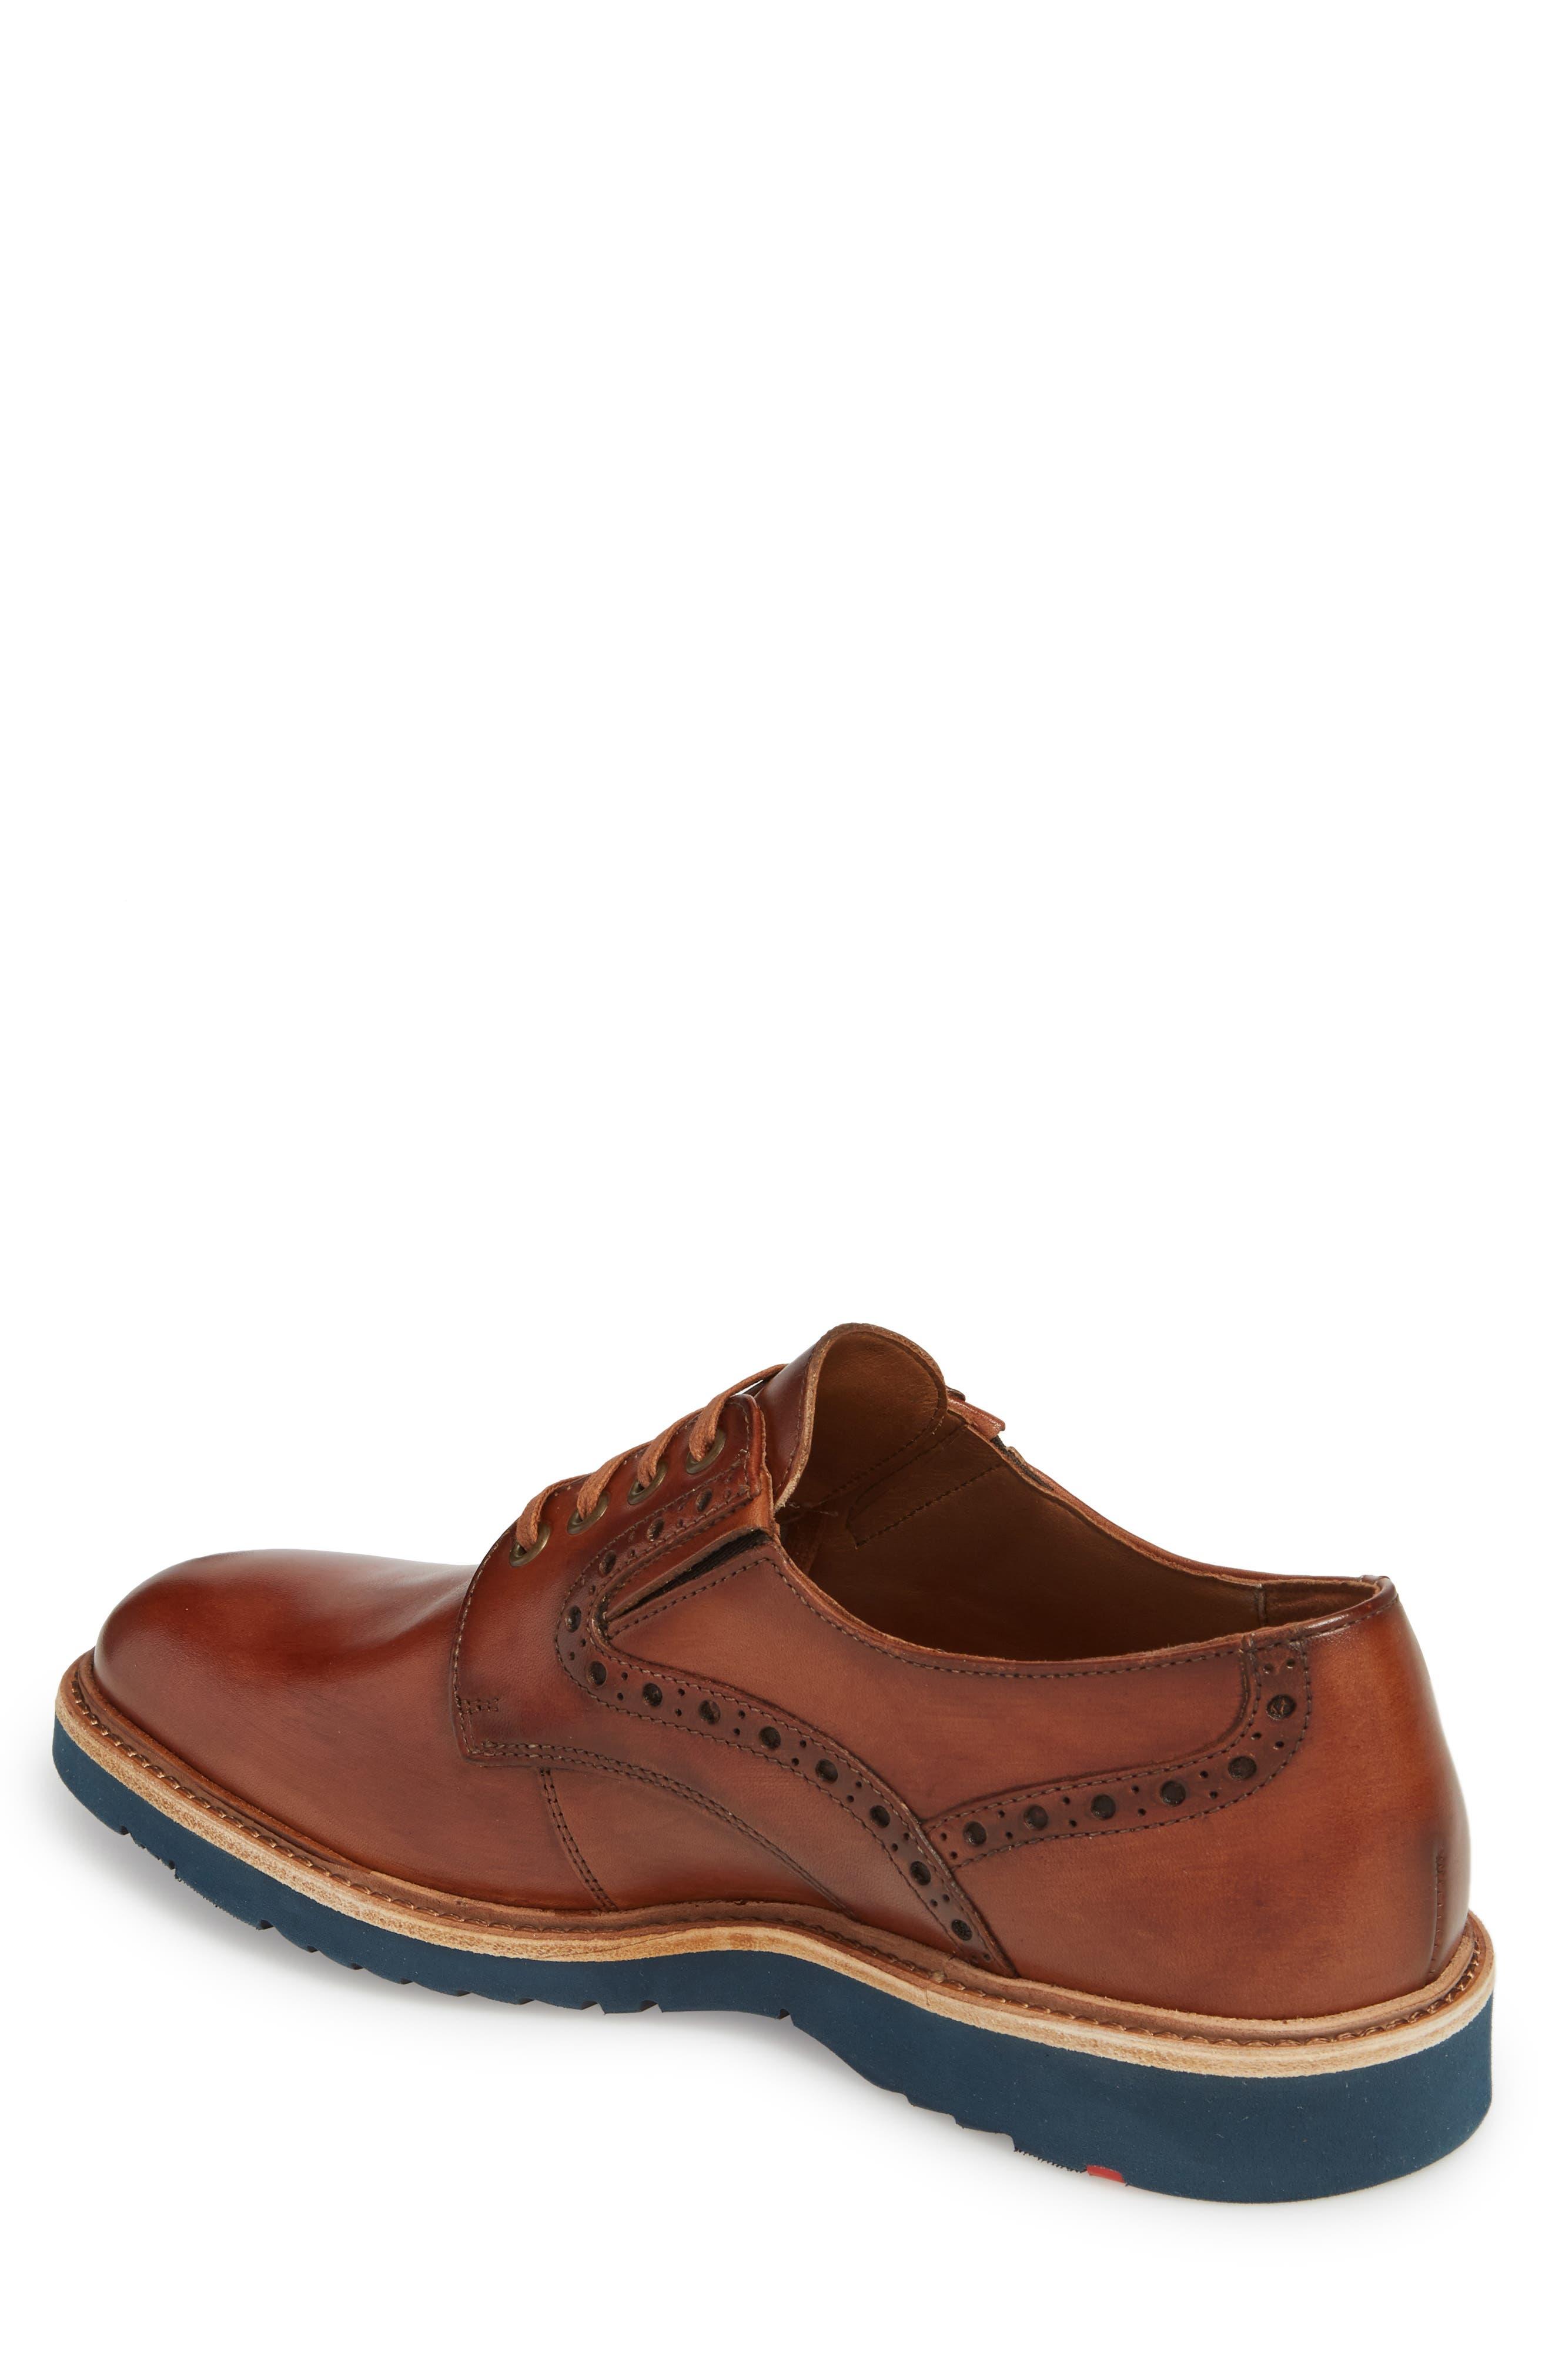 Kandy Plain Toe Derby,                             Alternate thumbnail 2, color,                             Cognac Leather